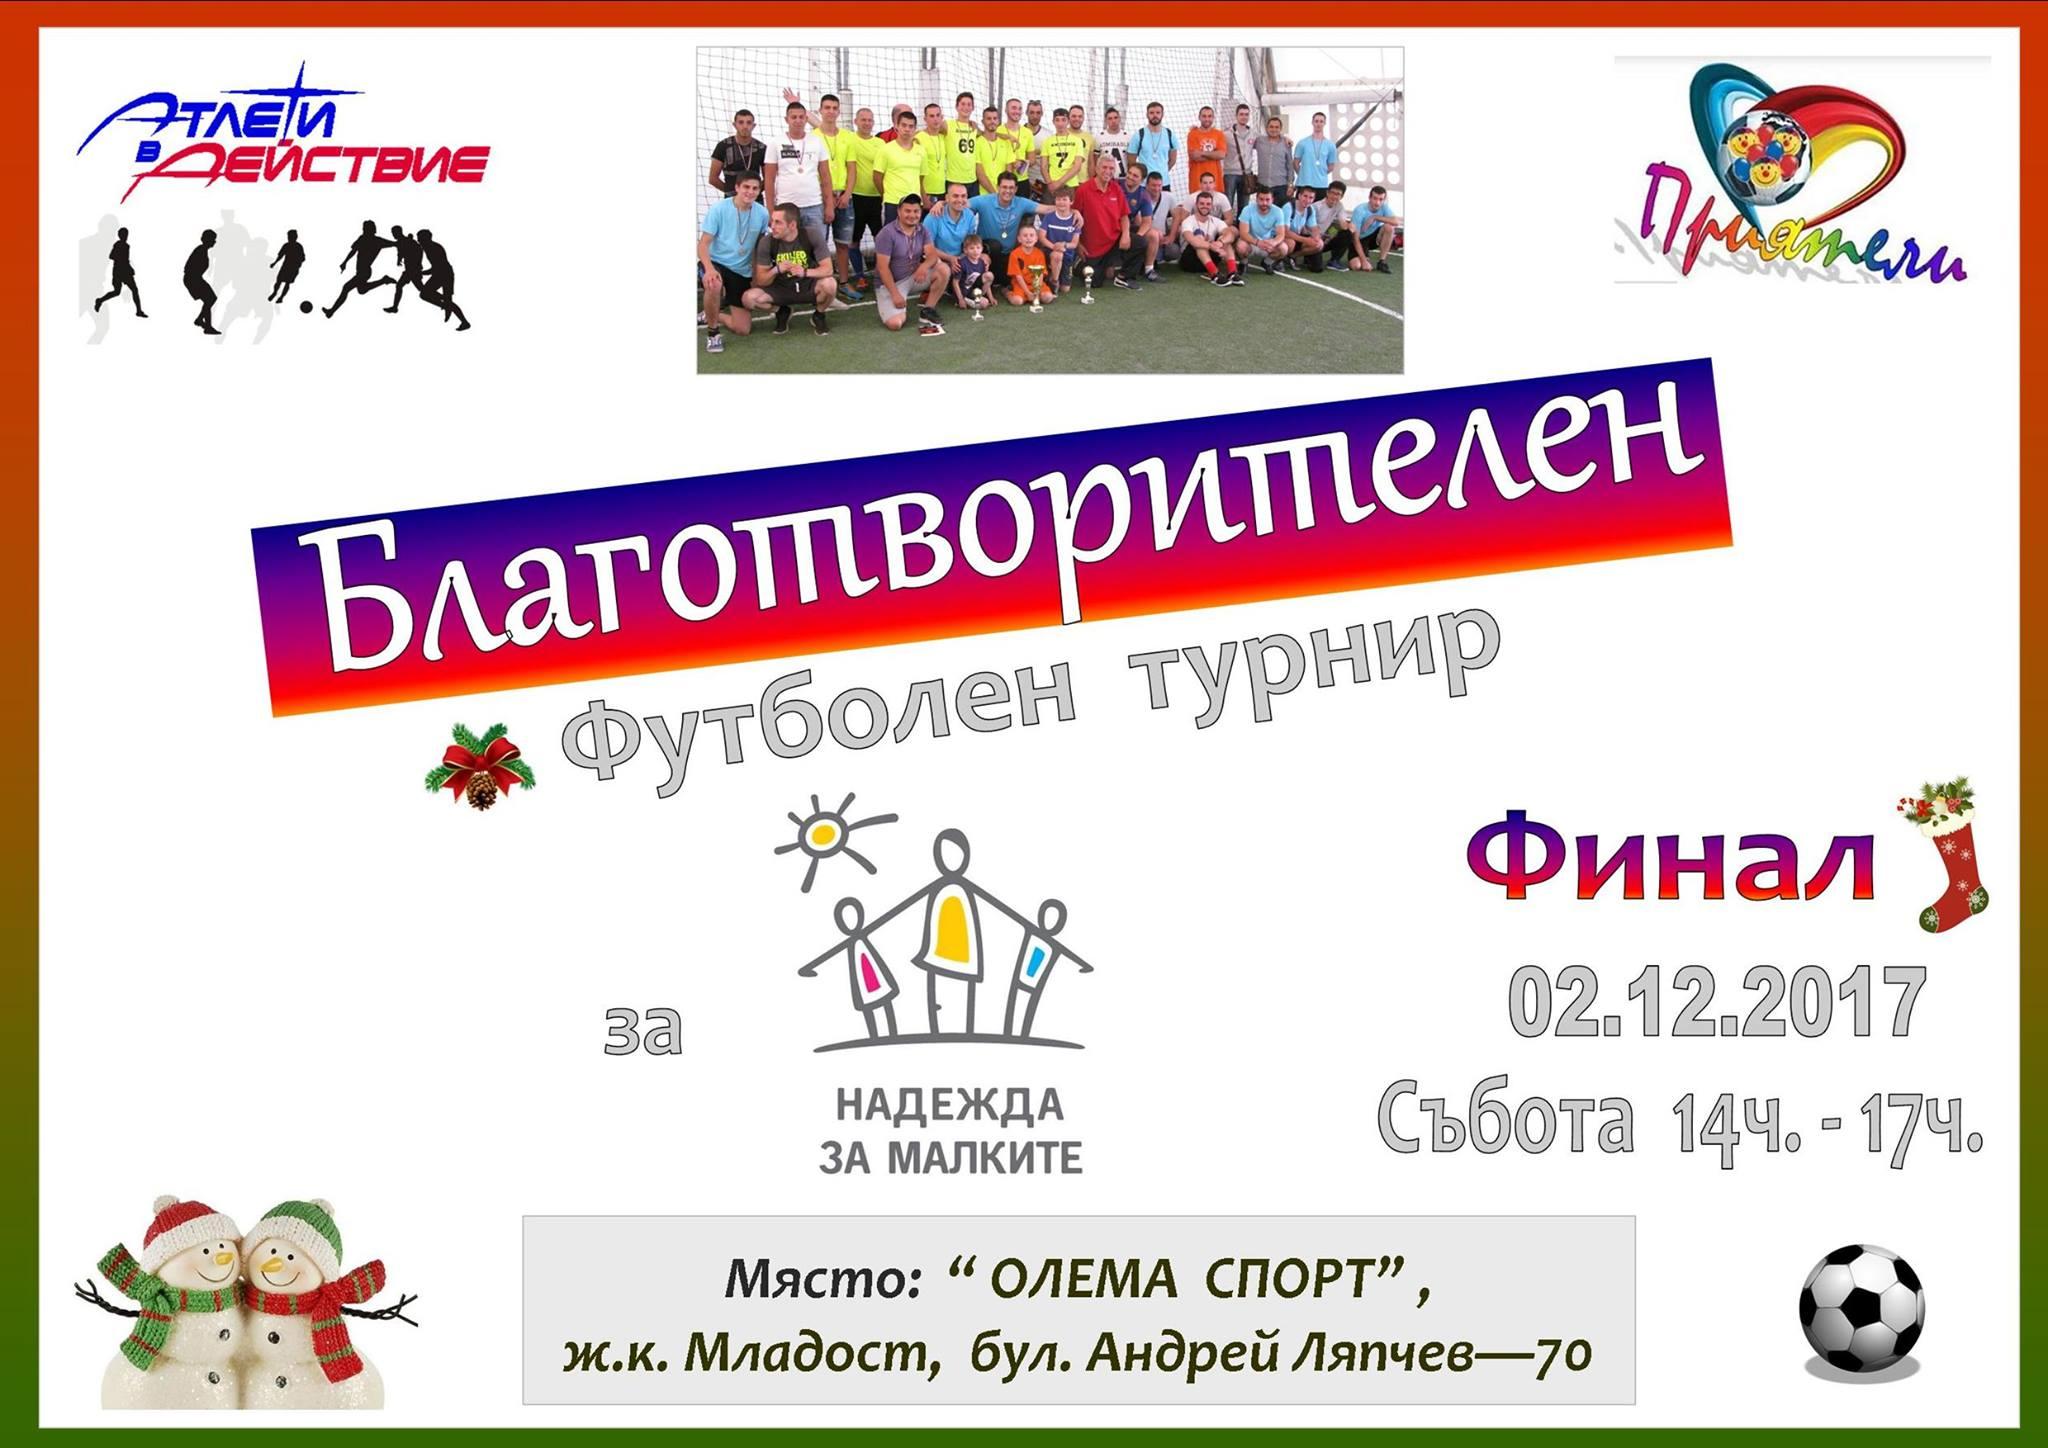 """Благотворителен футболен турнир на 02 декември в """"Олема Спорт"""""""